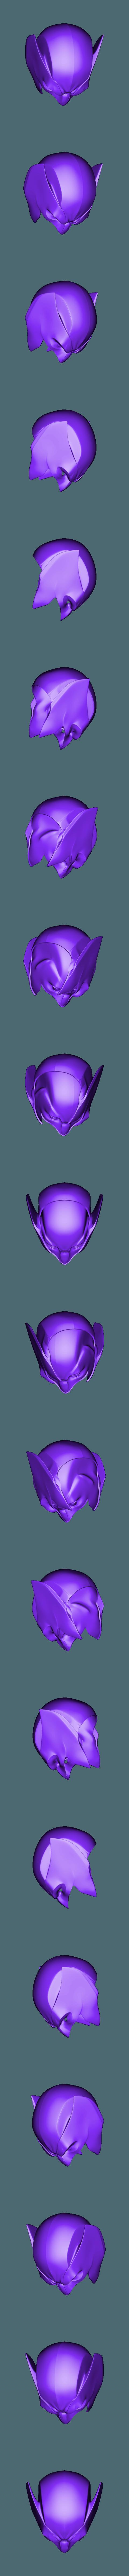 Shortear.stl Download STL file Wolverine Mask • 3D printable model, VillainousPropShop